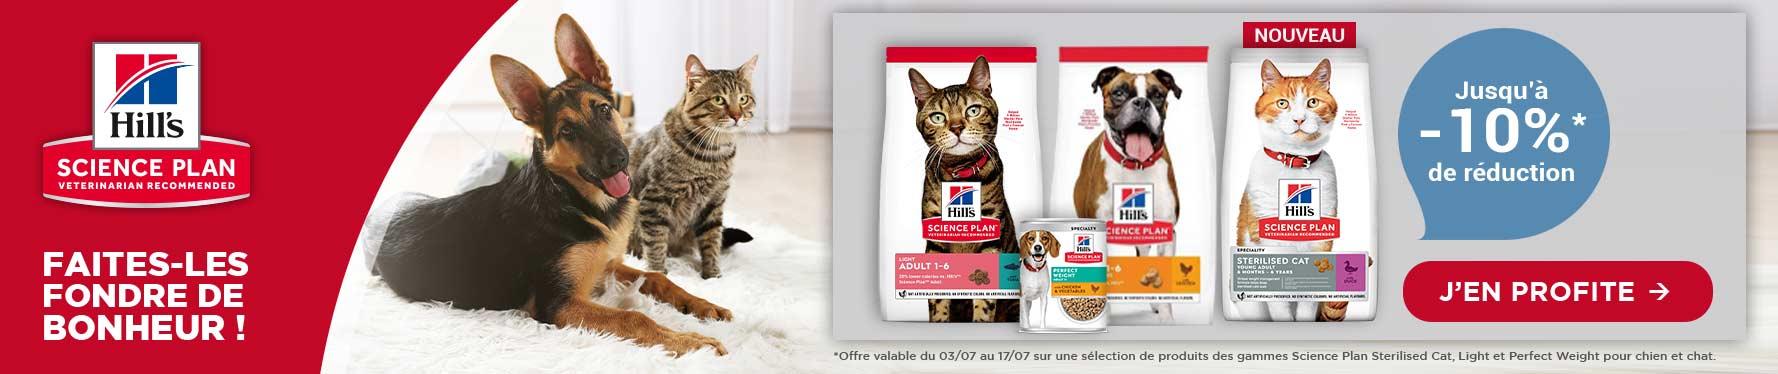 Jusqu'à -10% sur votre alimentation Hill's Science Plan chat et chien